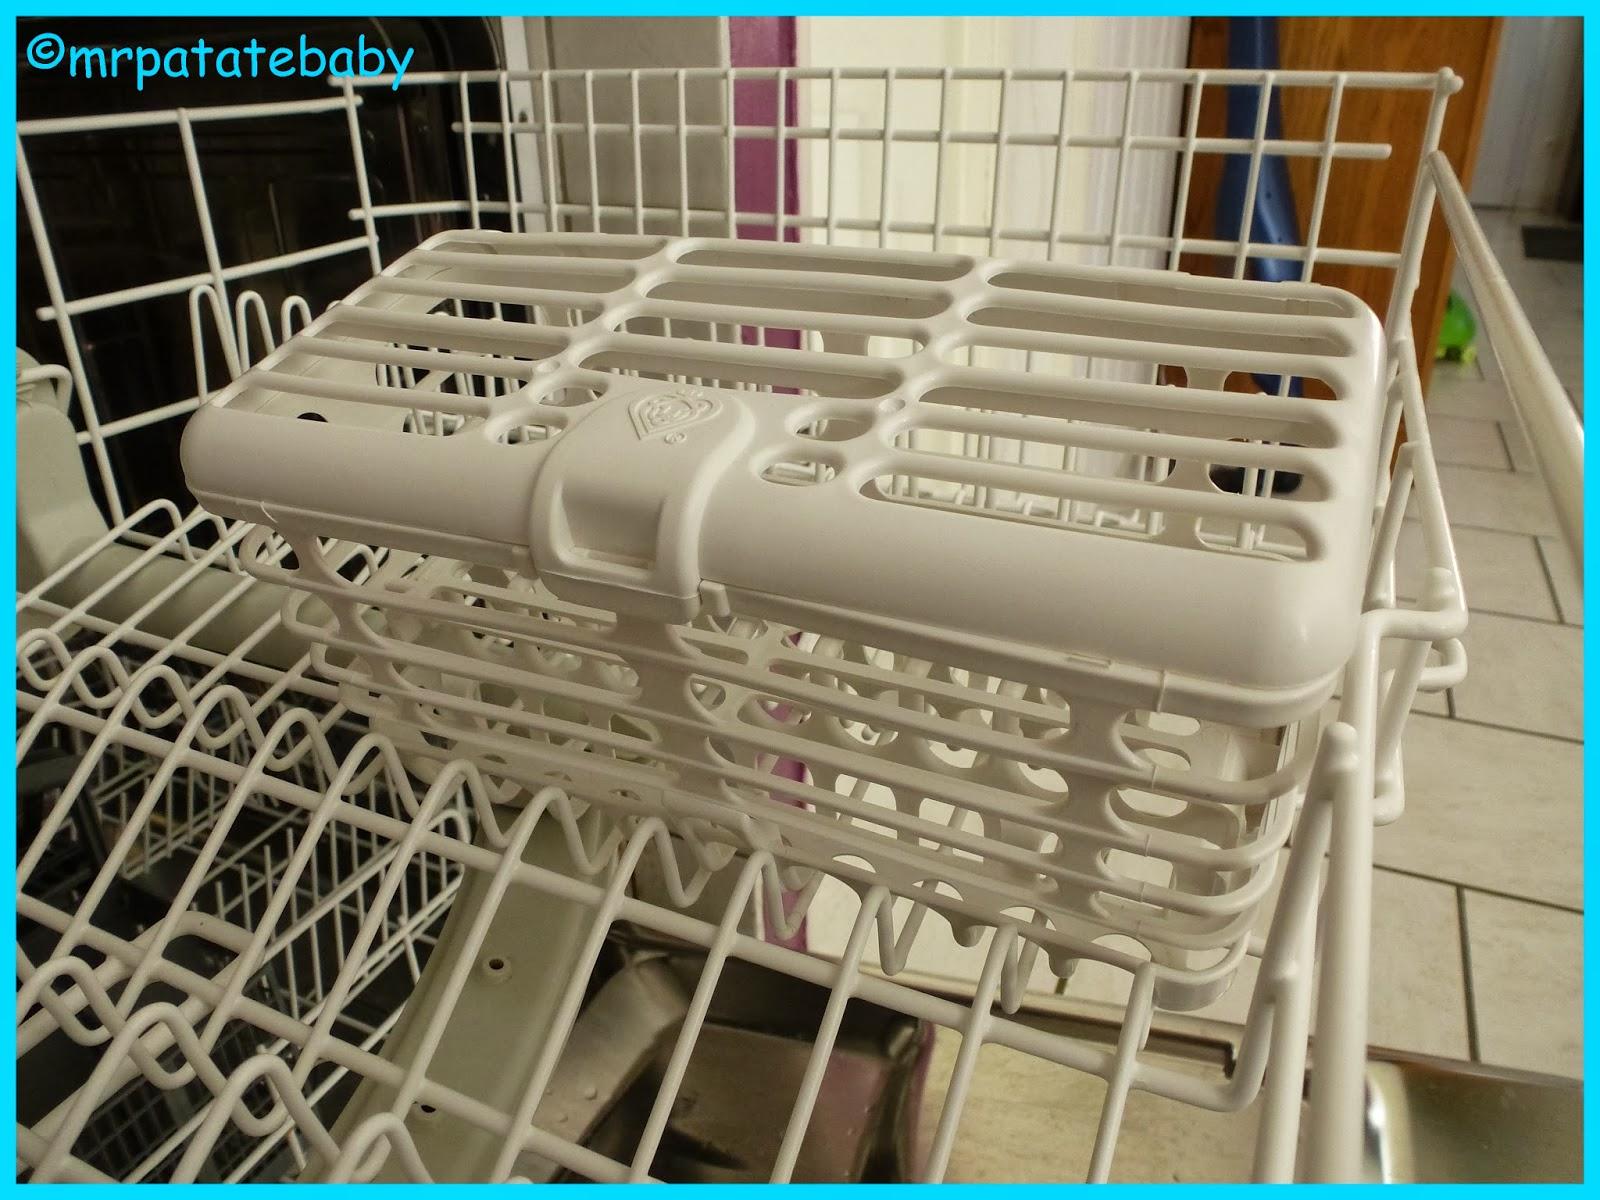 mrpatatebaby onteste 1 paniers lave vaisselle. Black Bedroom Furniture Sets. Home Design Ideas